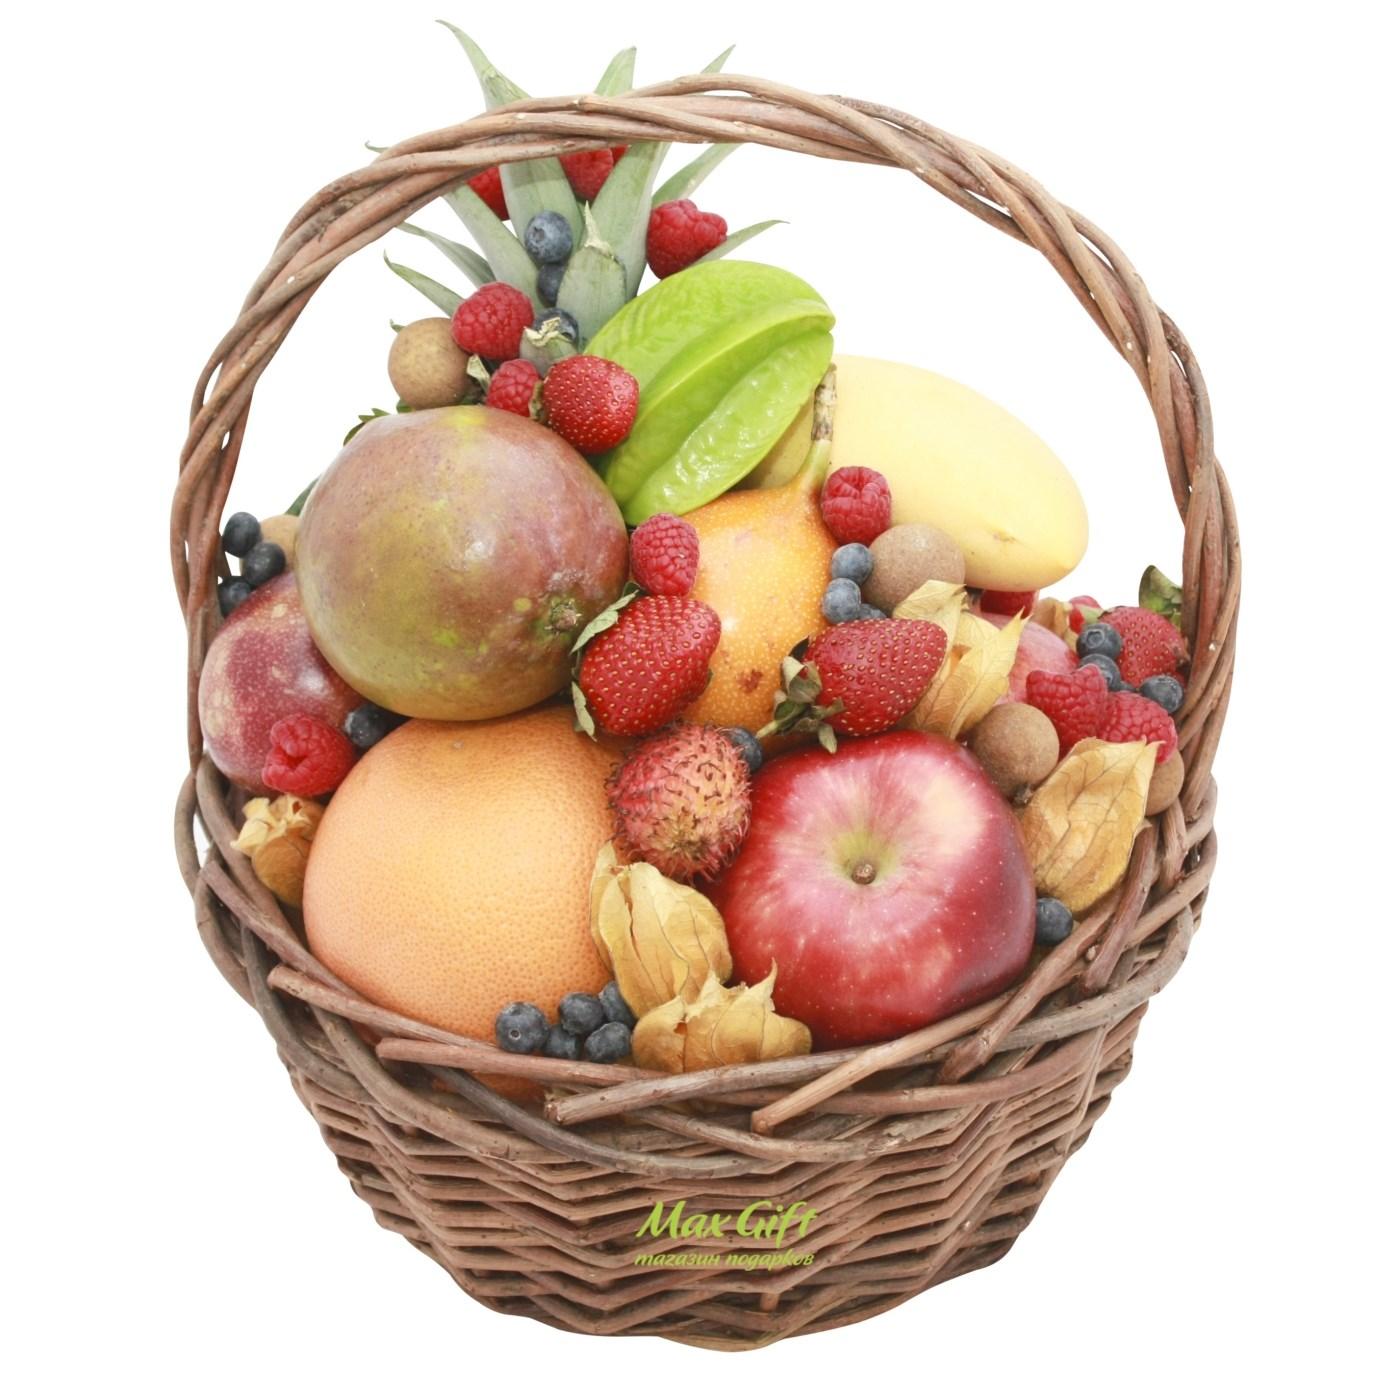 Букеты Фрутто - интернет магазин фруктовых букетов 27